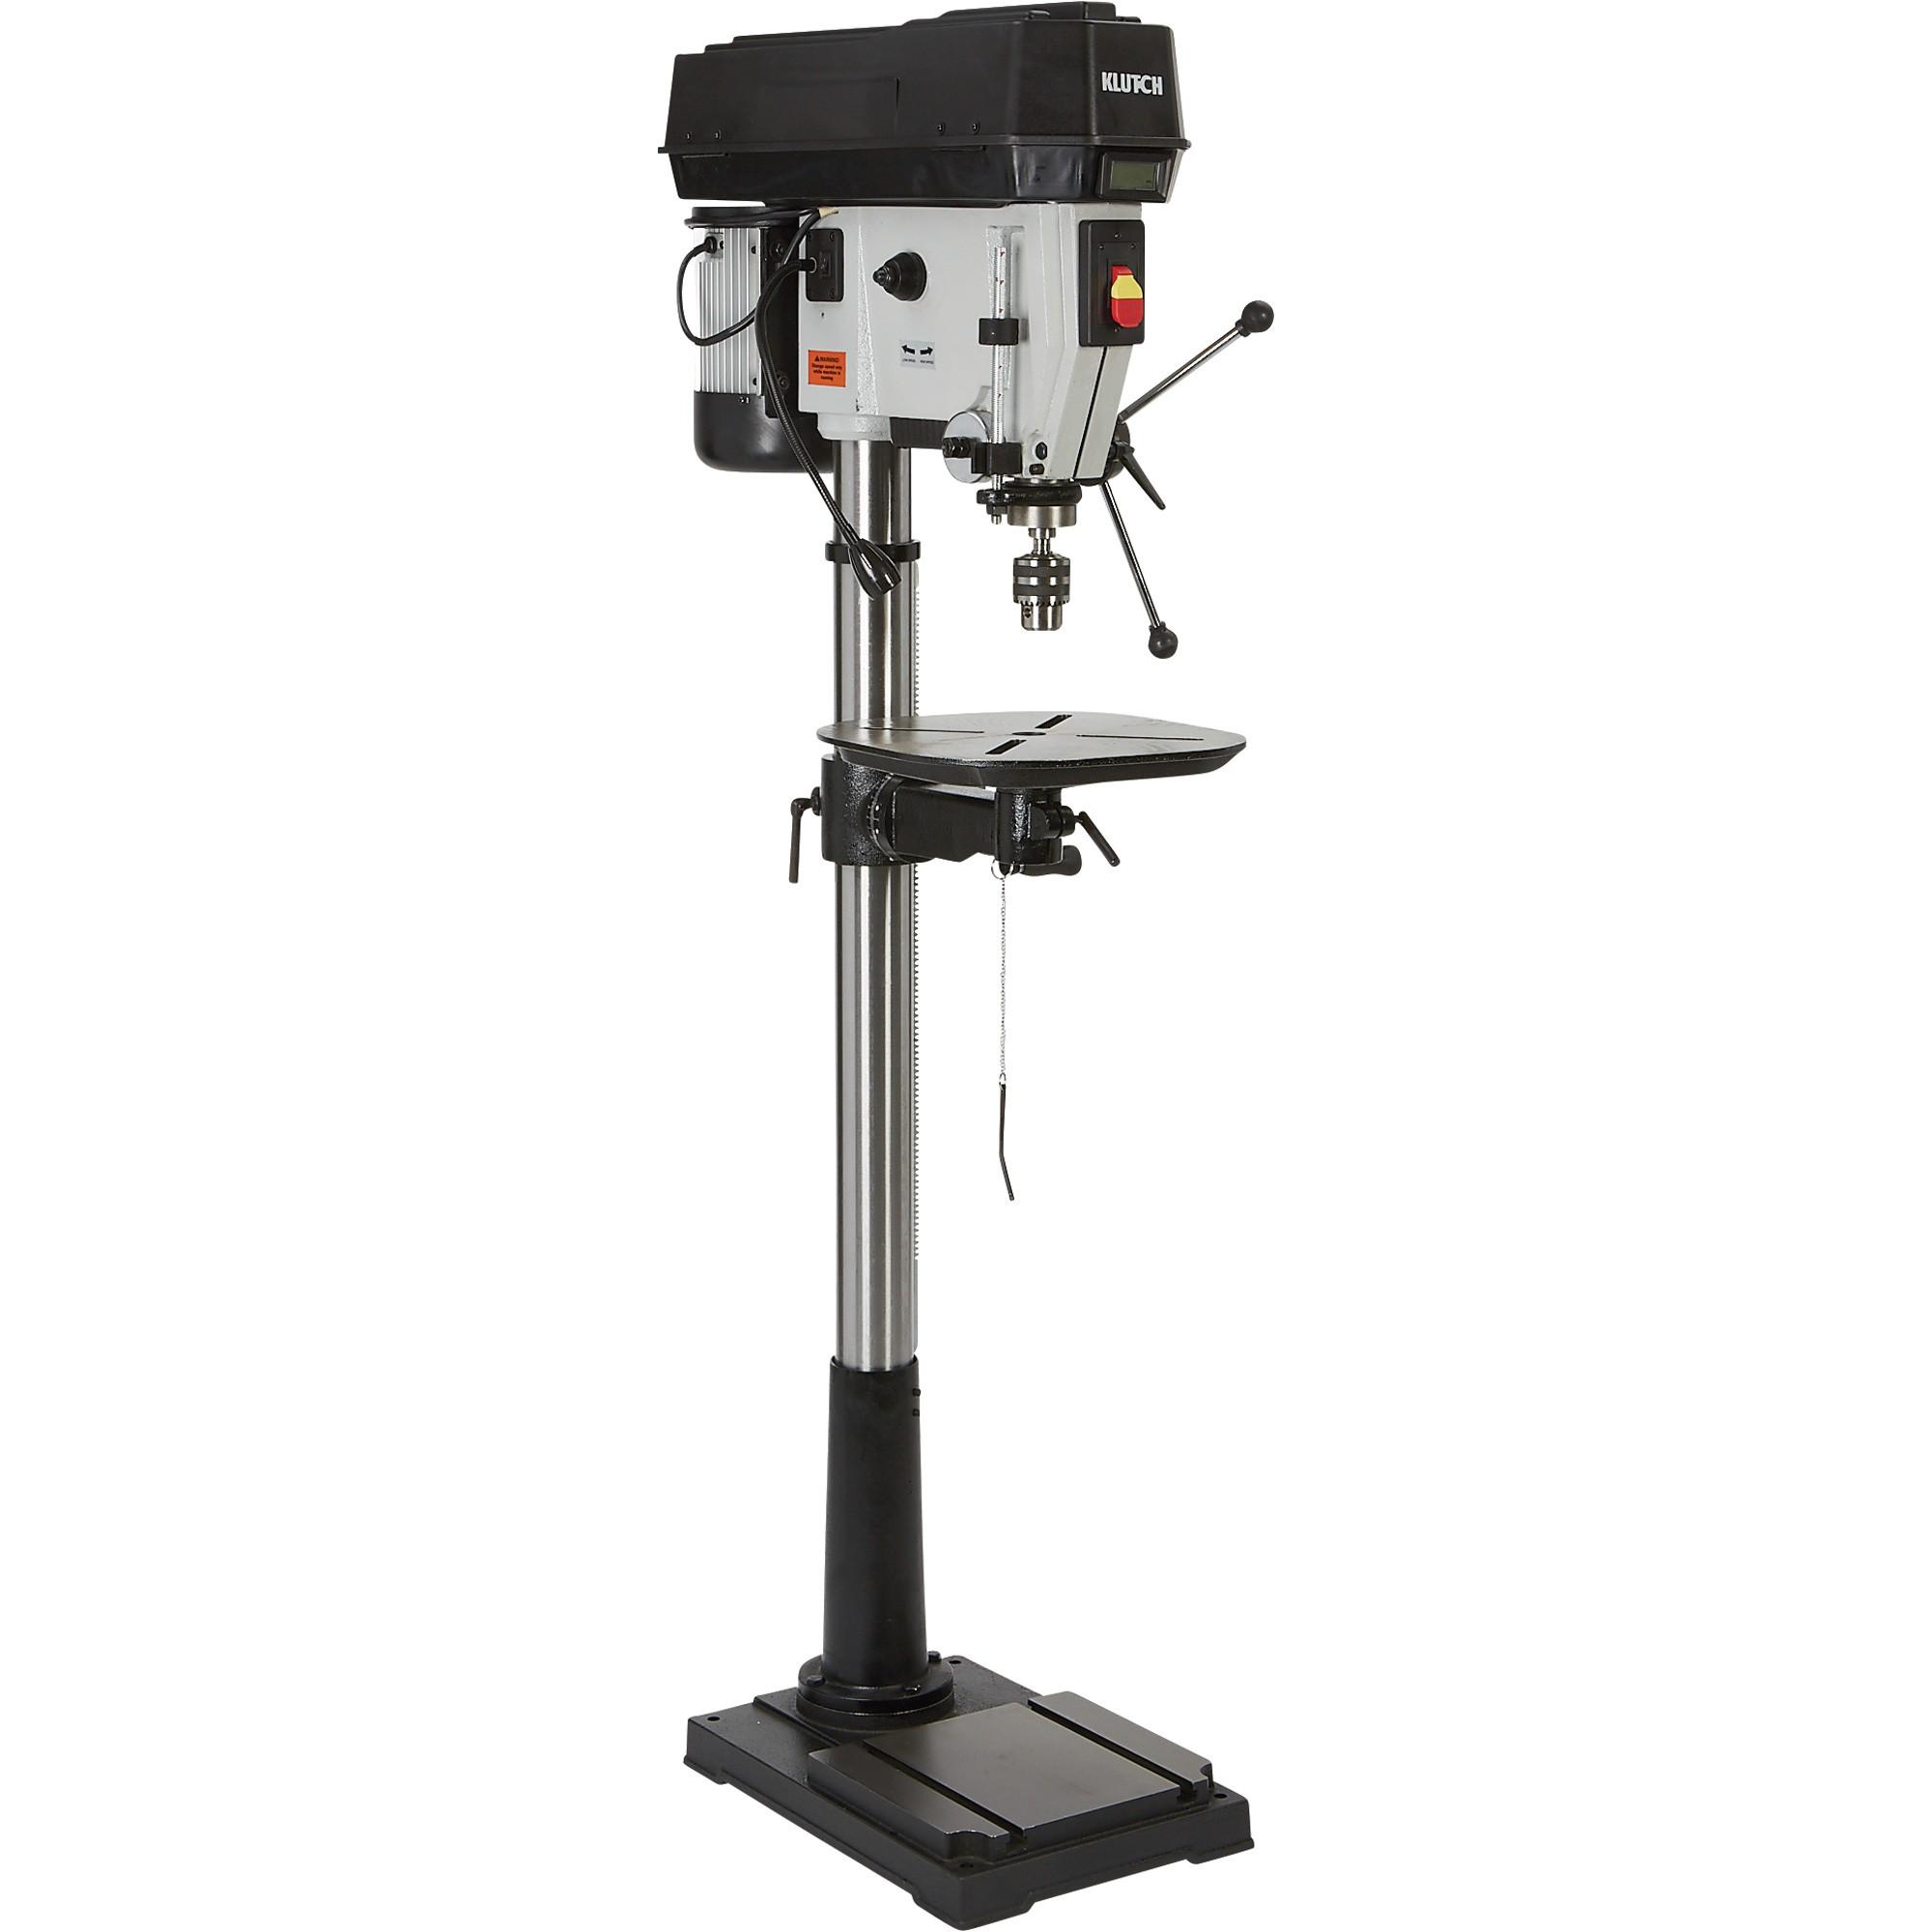 Klutch 14in. Floor drill press